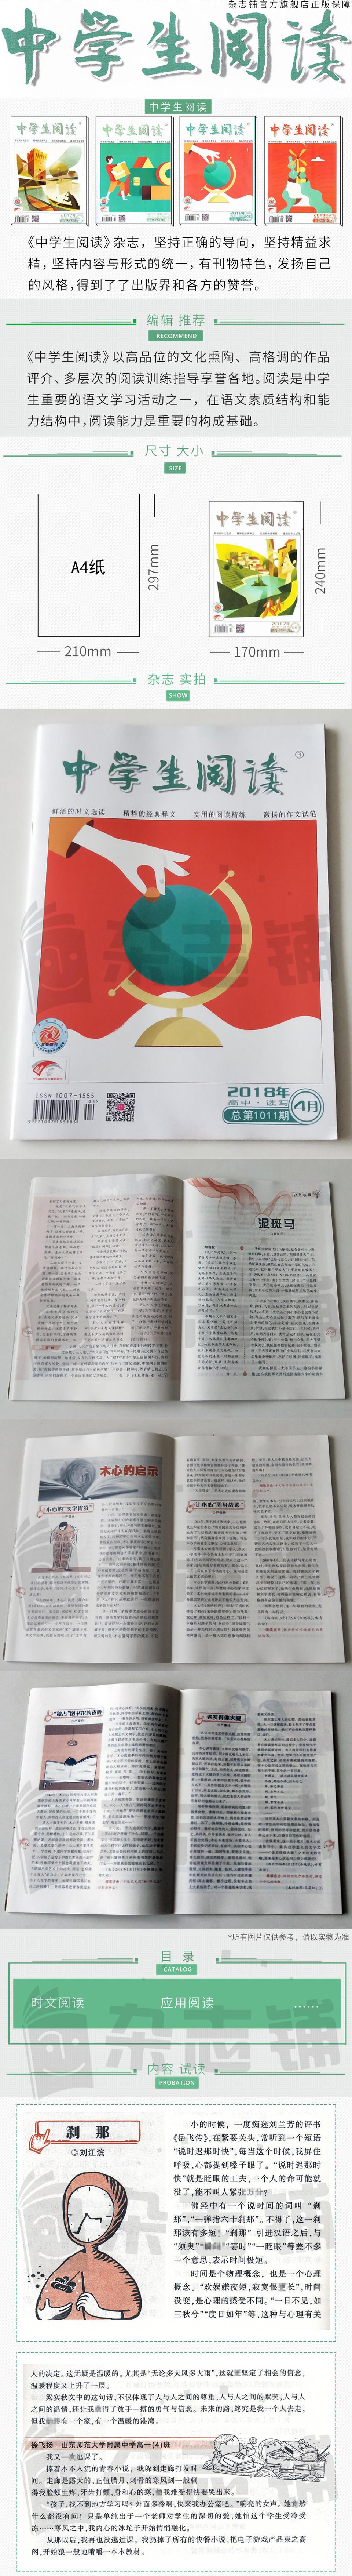 中学生阅读高中版读写(1季度共3期)(杂志订阅)